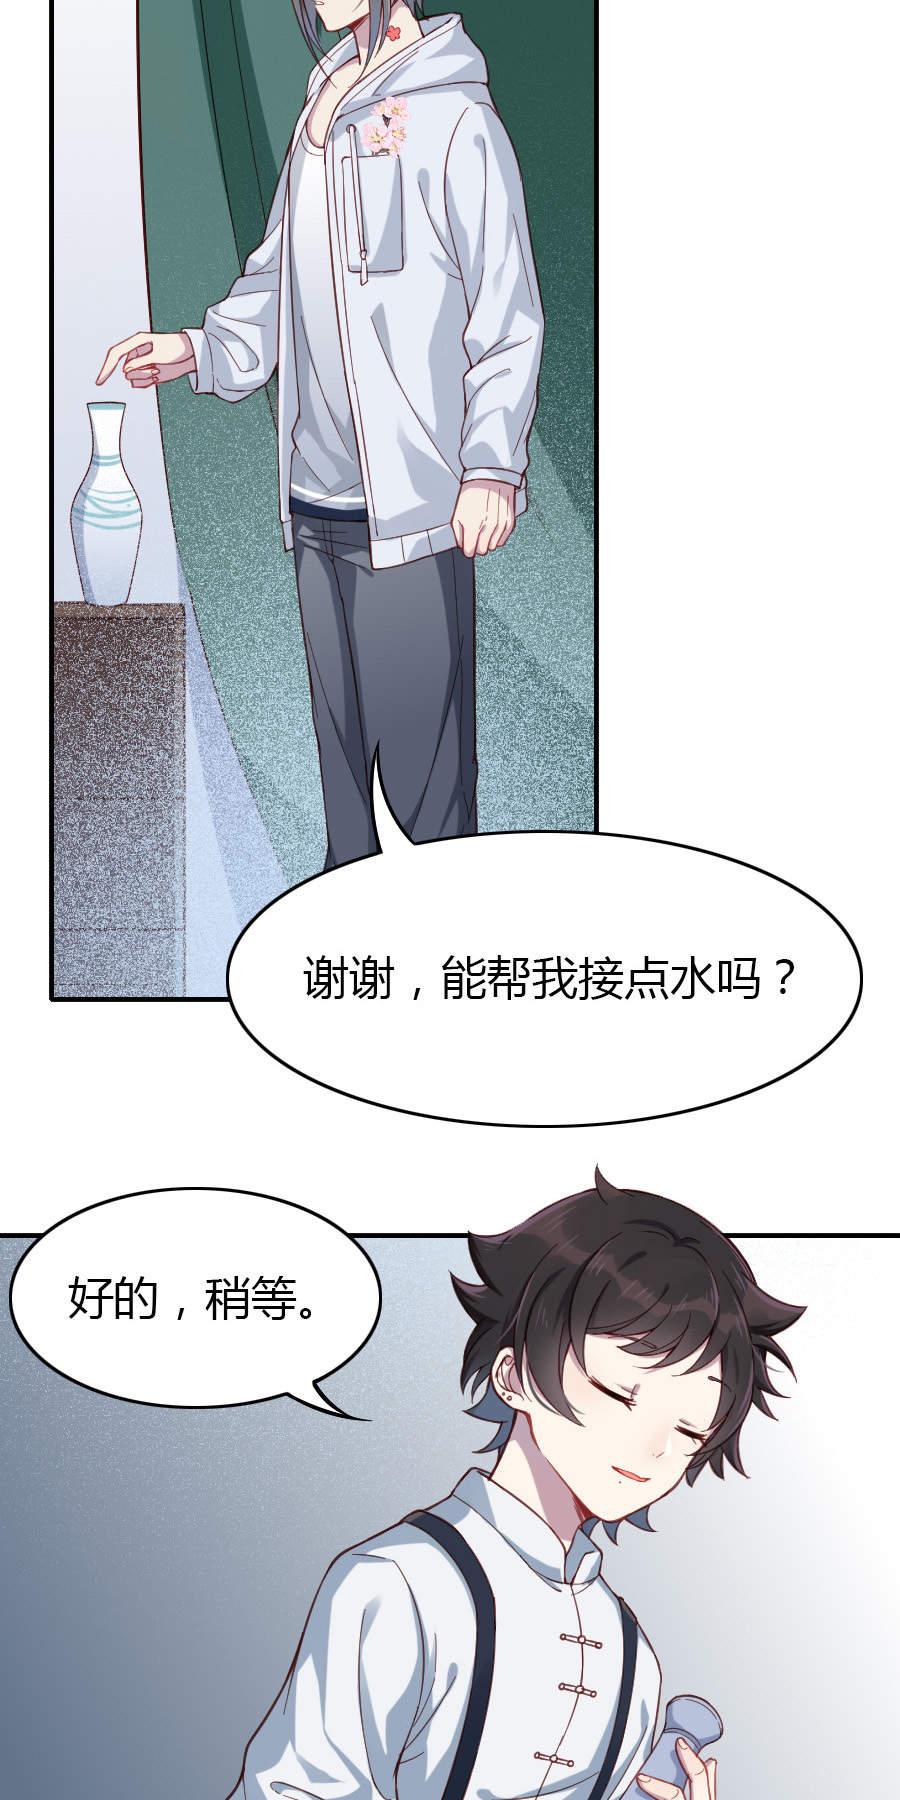 少年游第16话  障妖 梦与约定 第 7